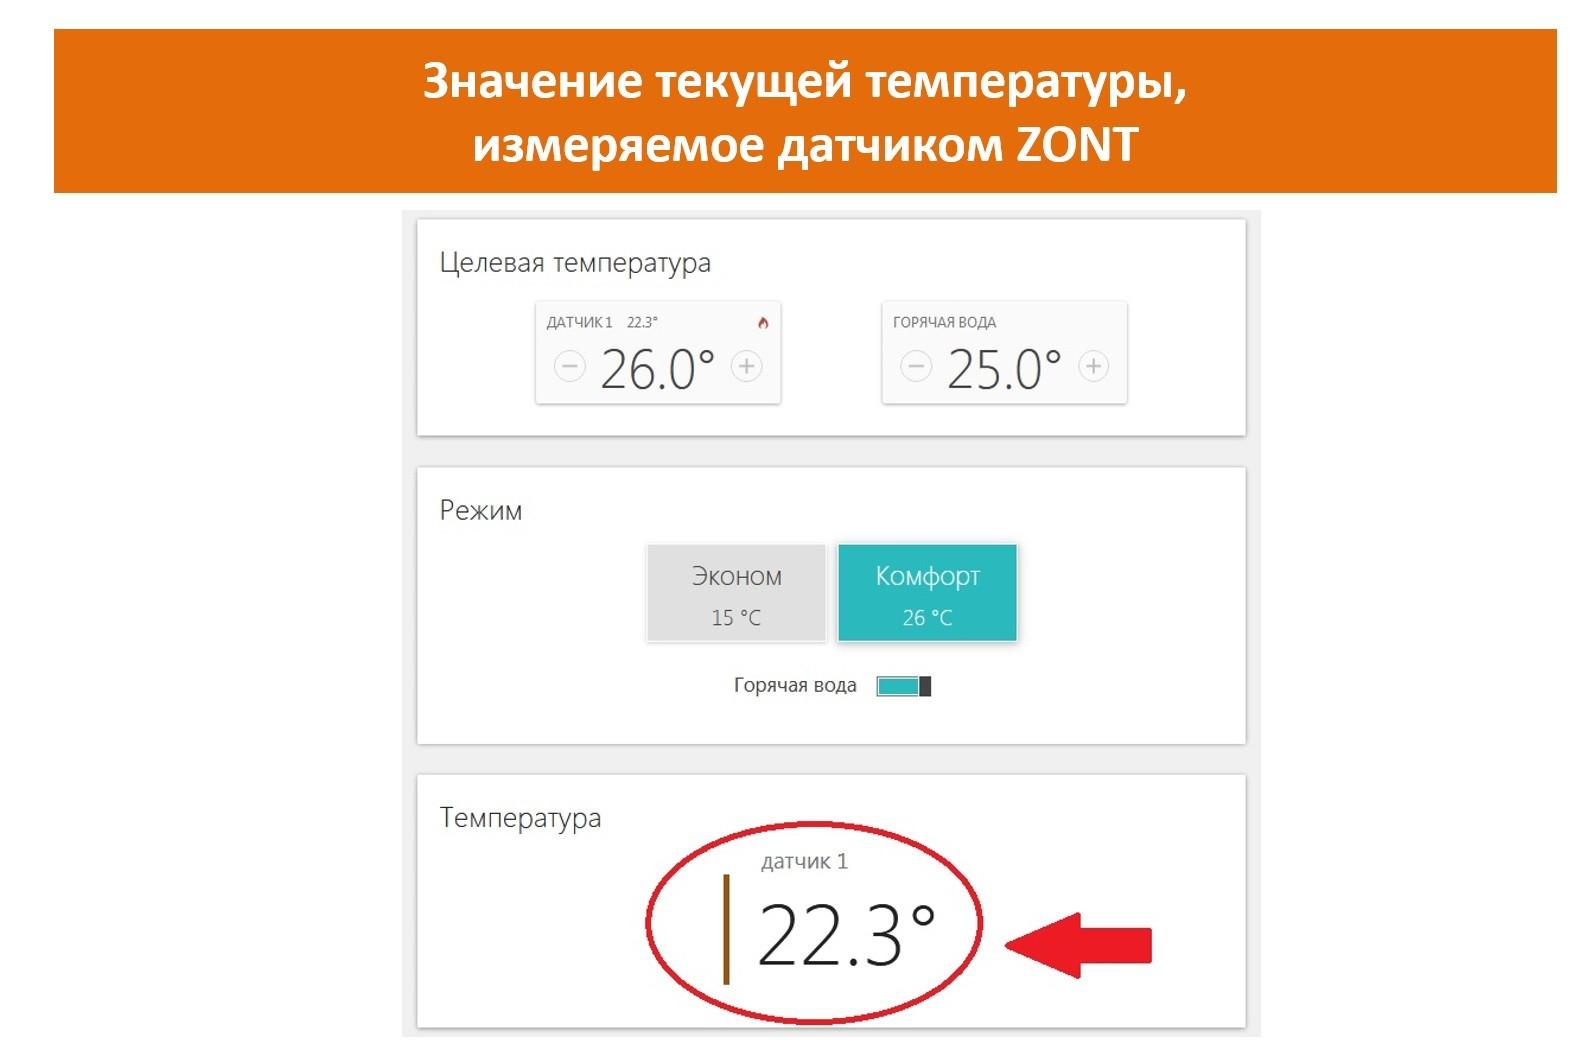 Датчик ZONT определяет текущую температуру